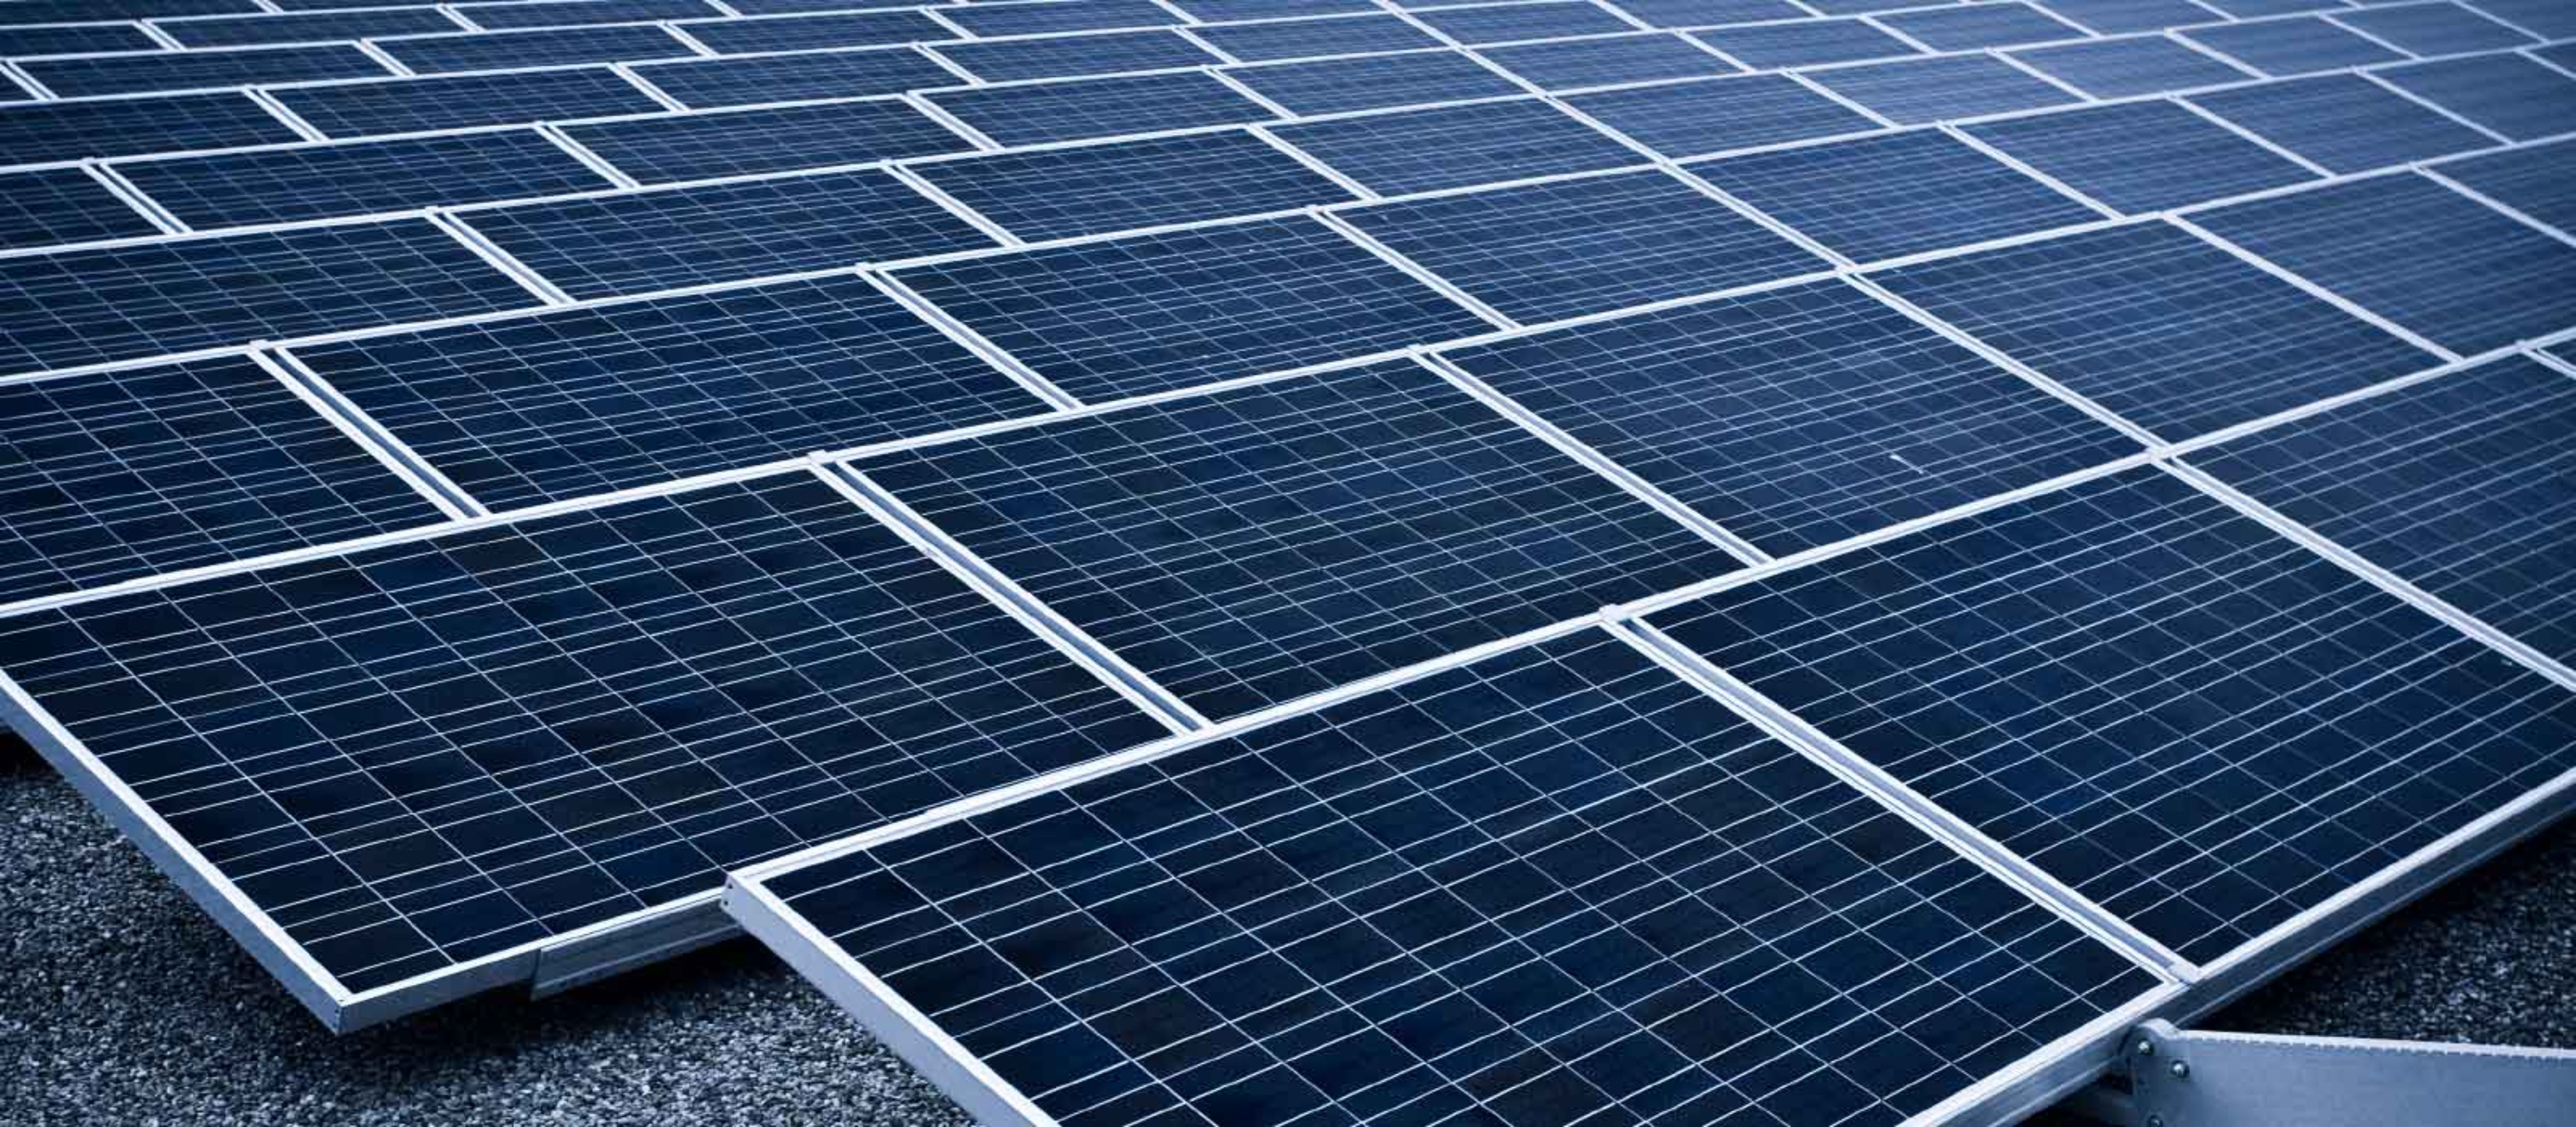 Afbeeldingsresultaat voor zonnepanelen